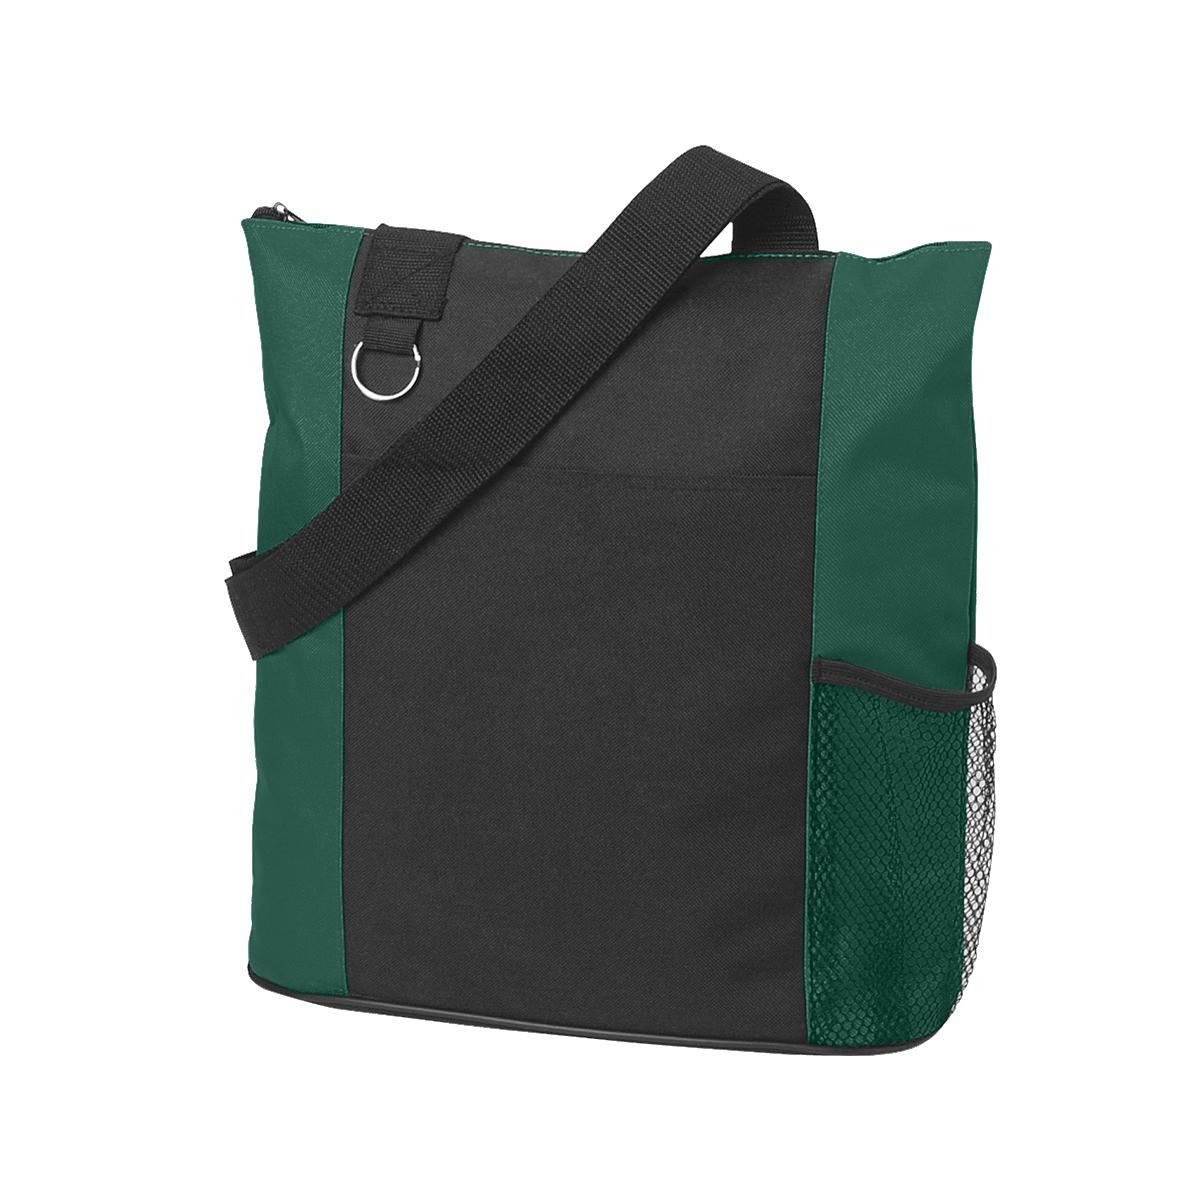 Printed Fun Tote Bag